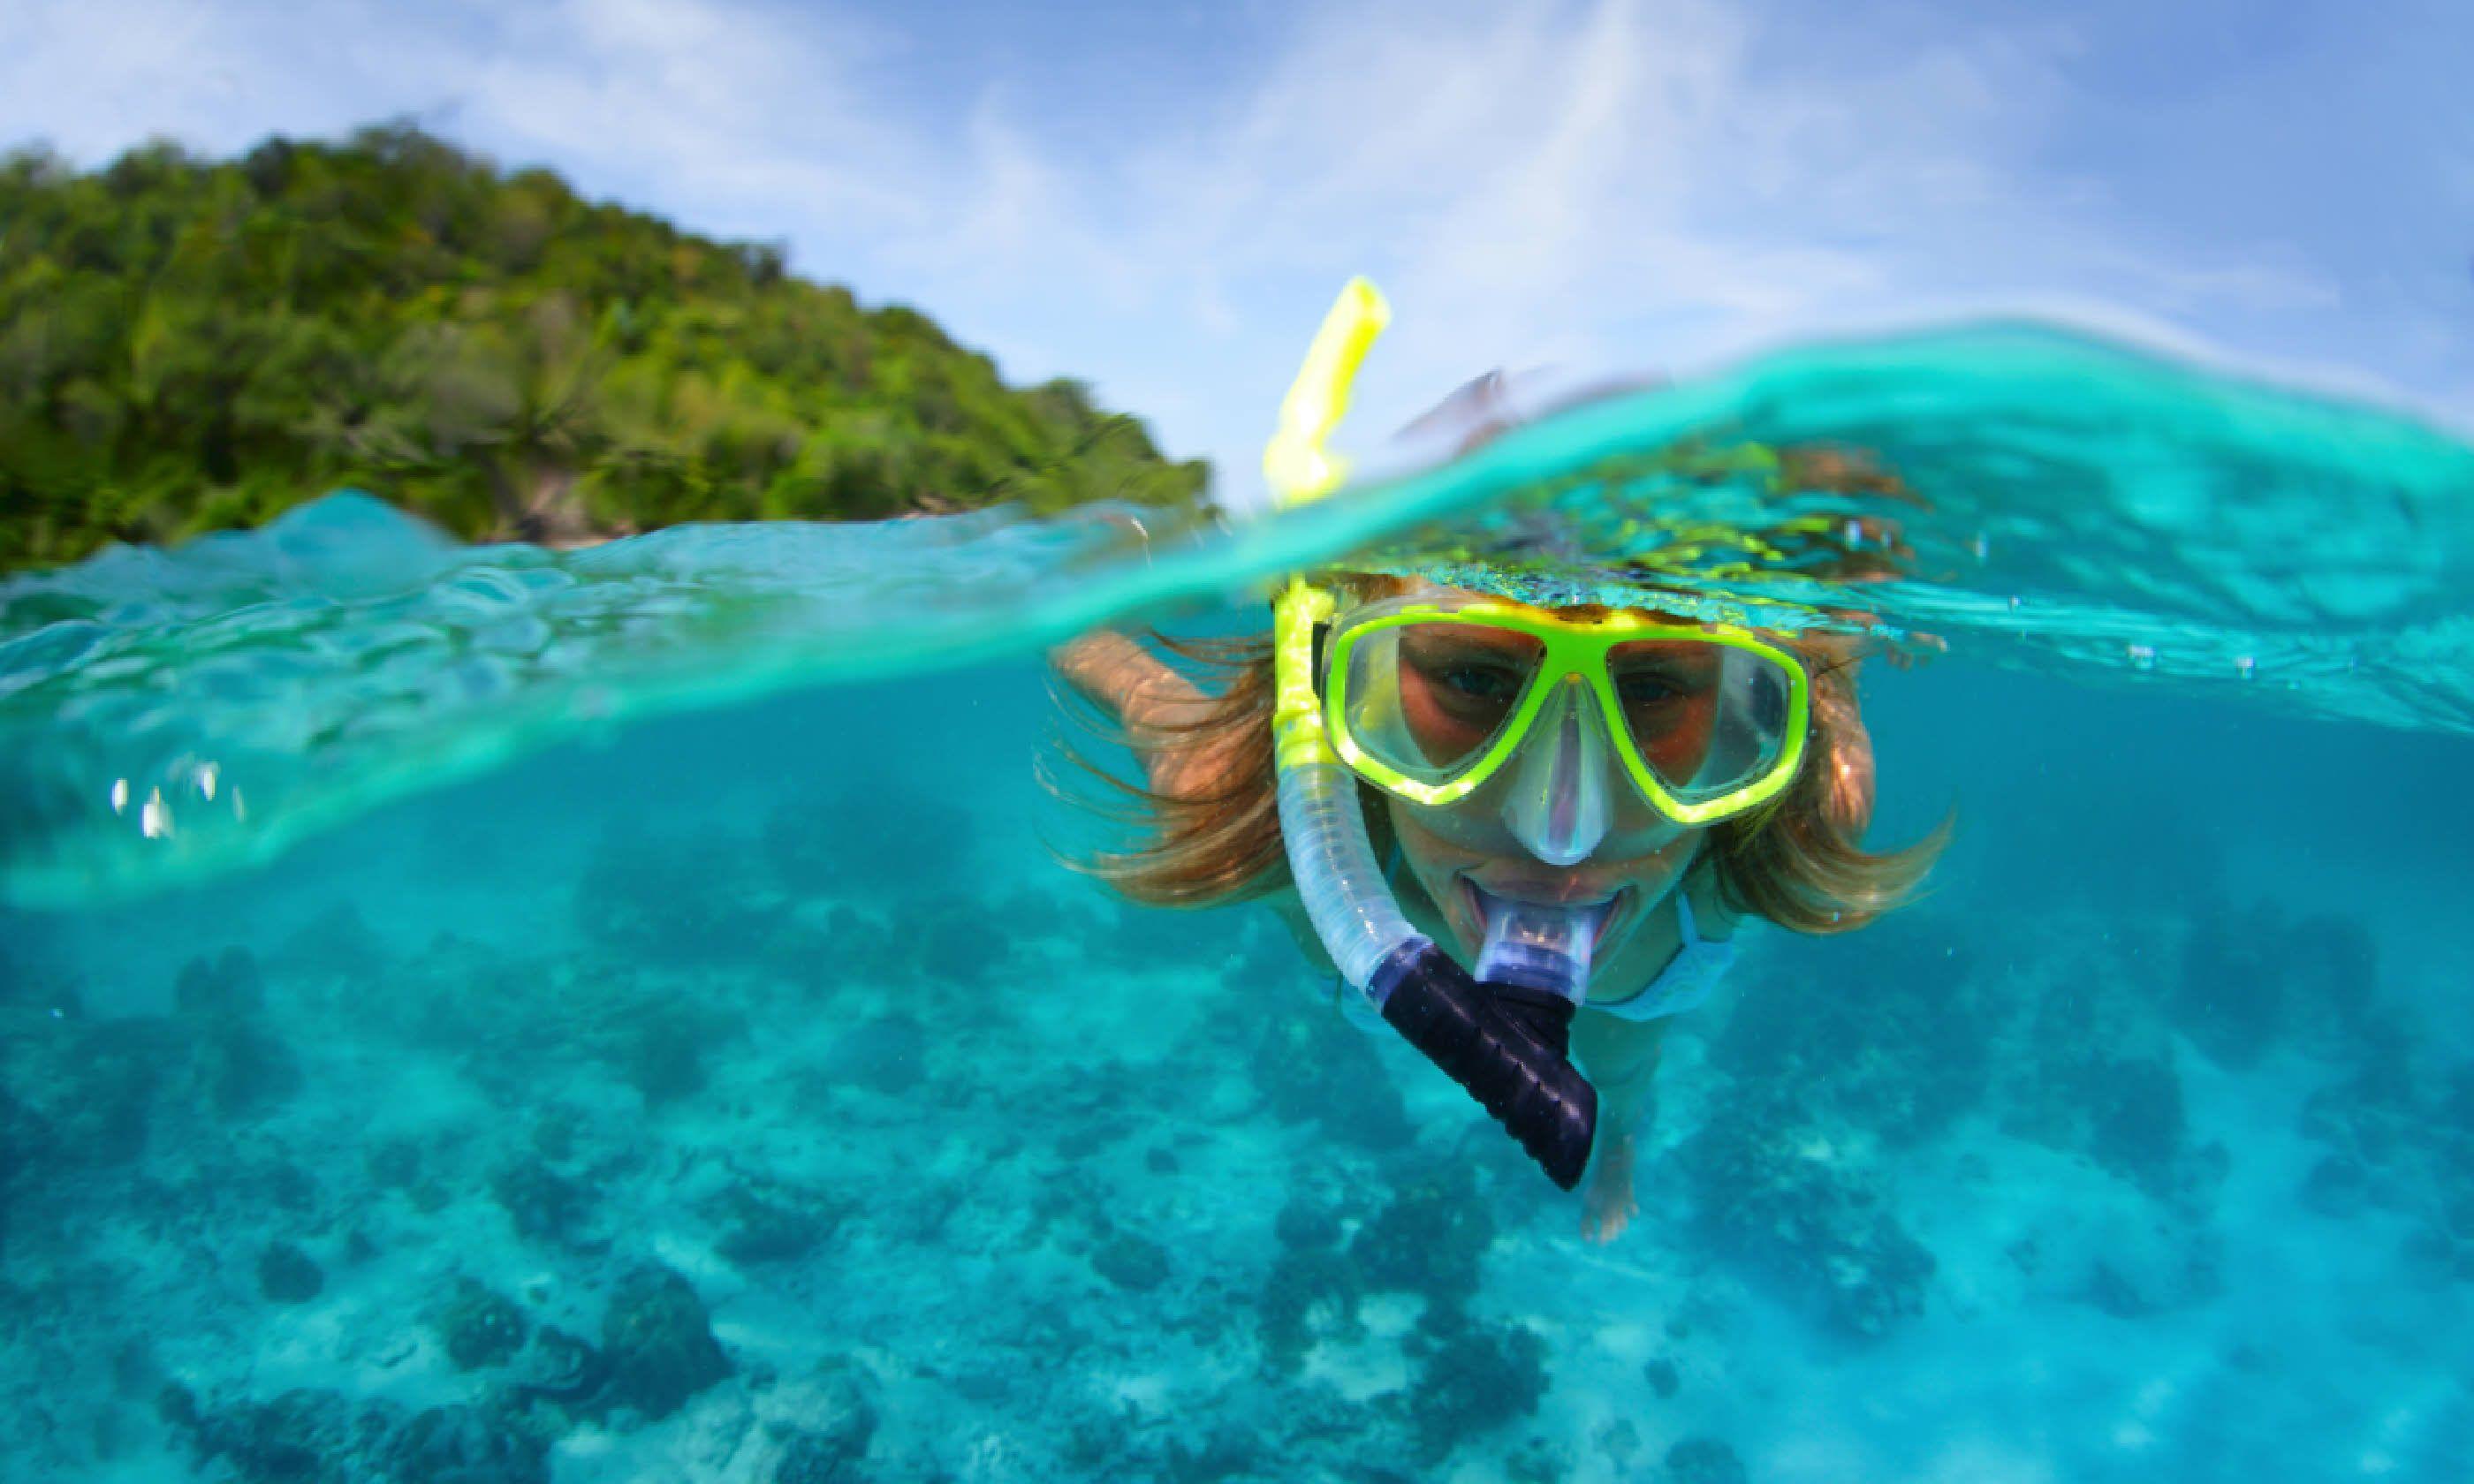 Snorkelling (Shutterstock)